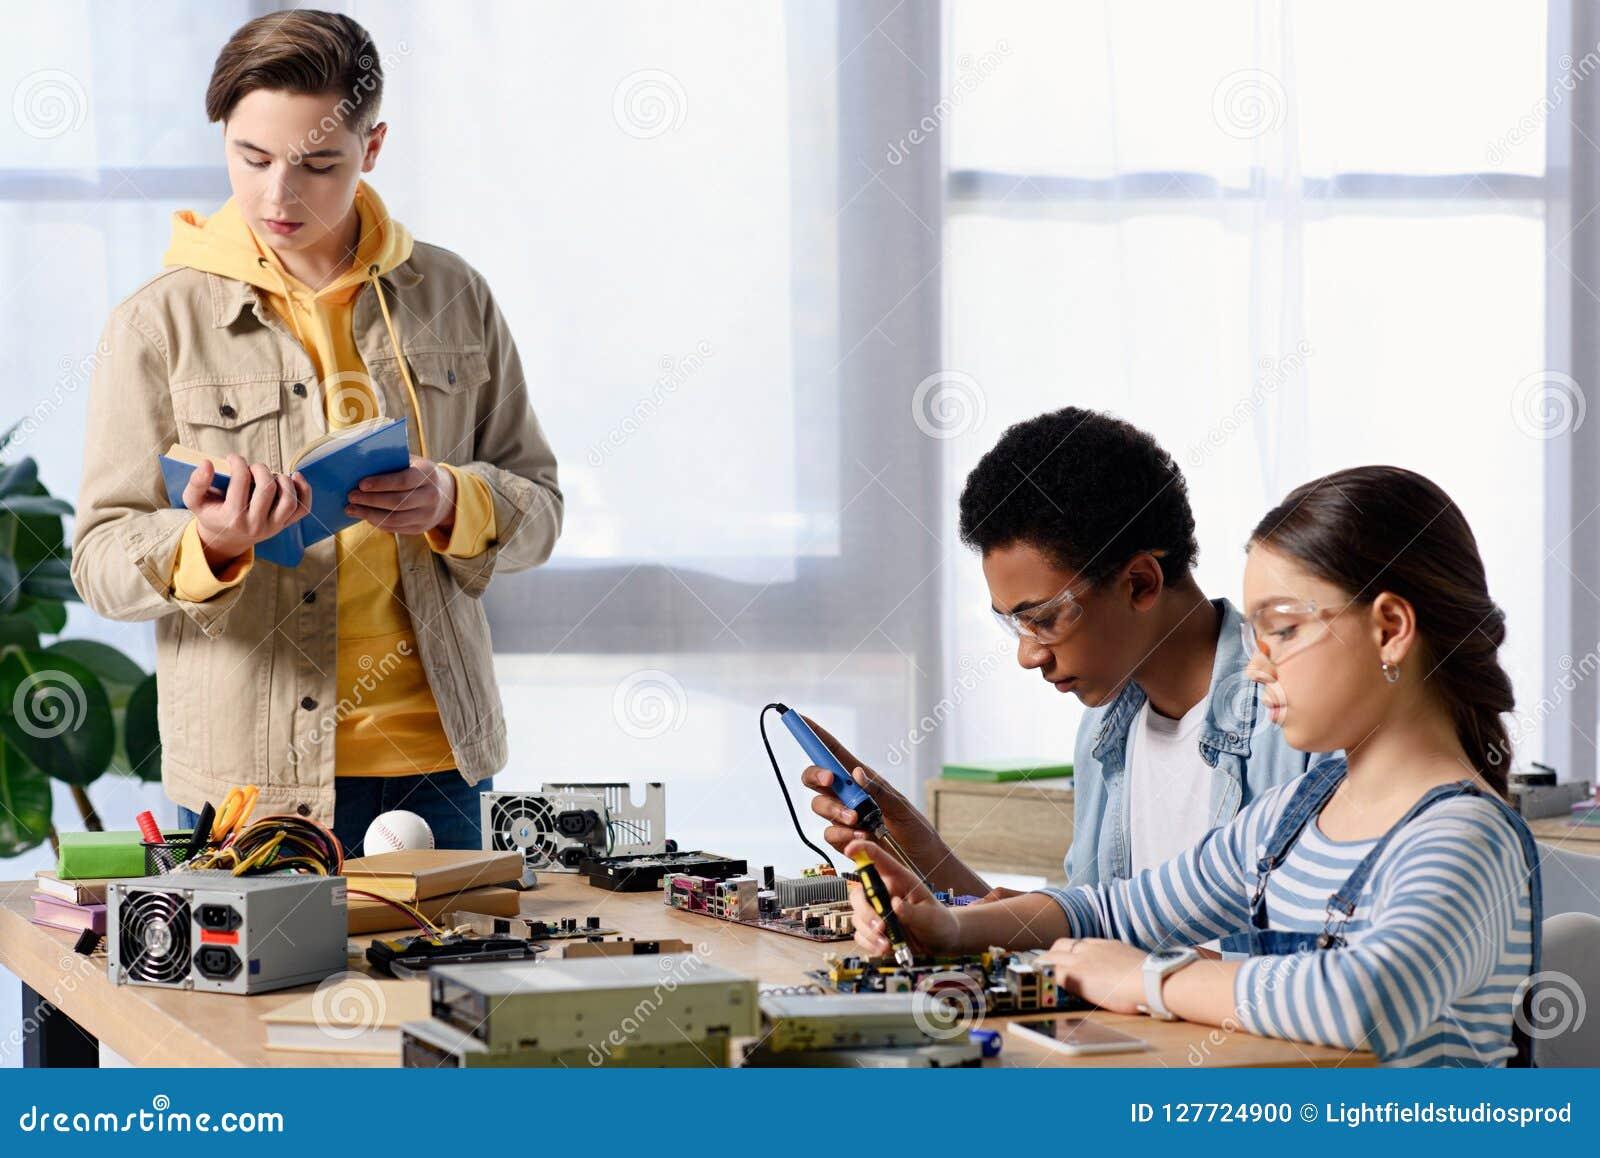 Adolescentes multiculturais que soldam o circuito de computador com ferro e amigo de solda